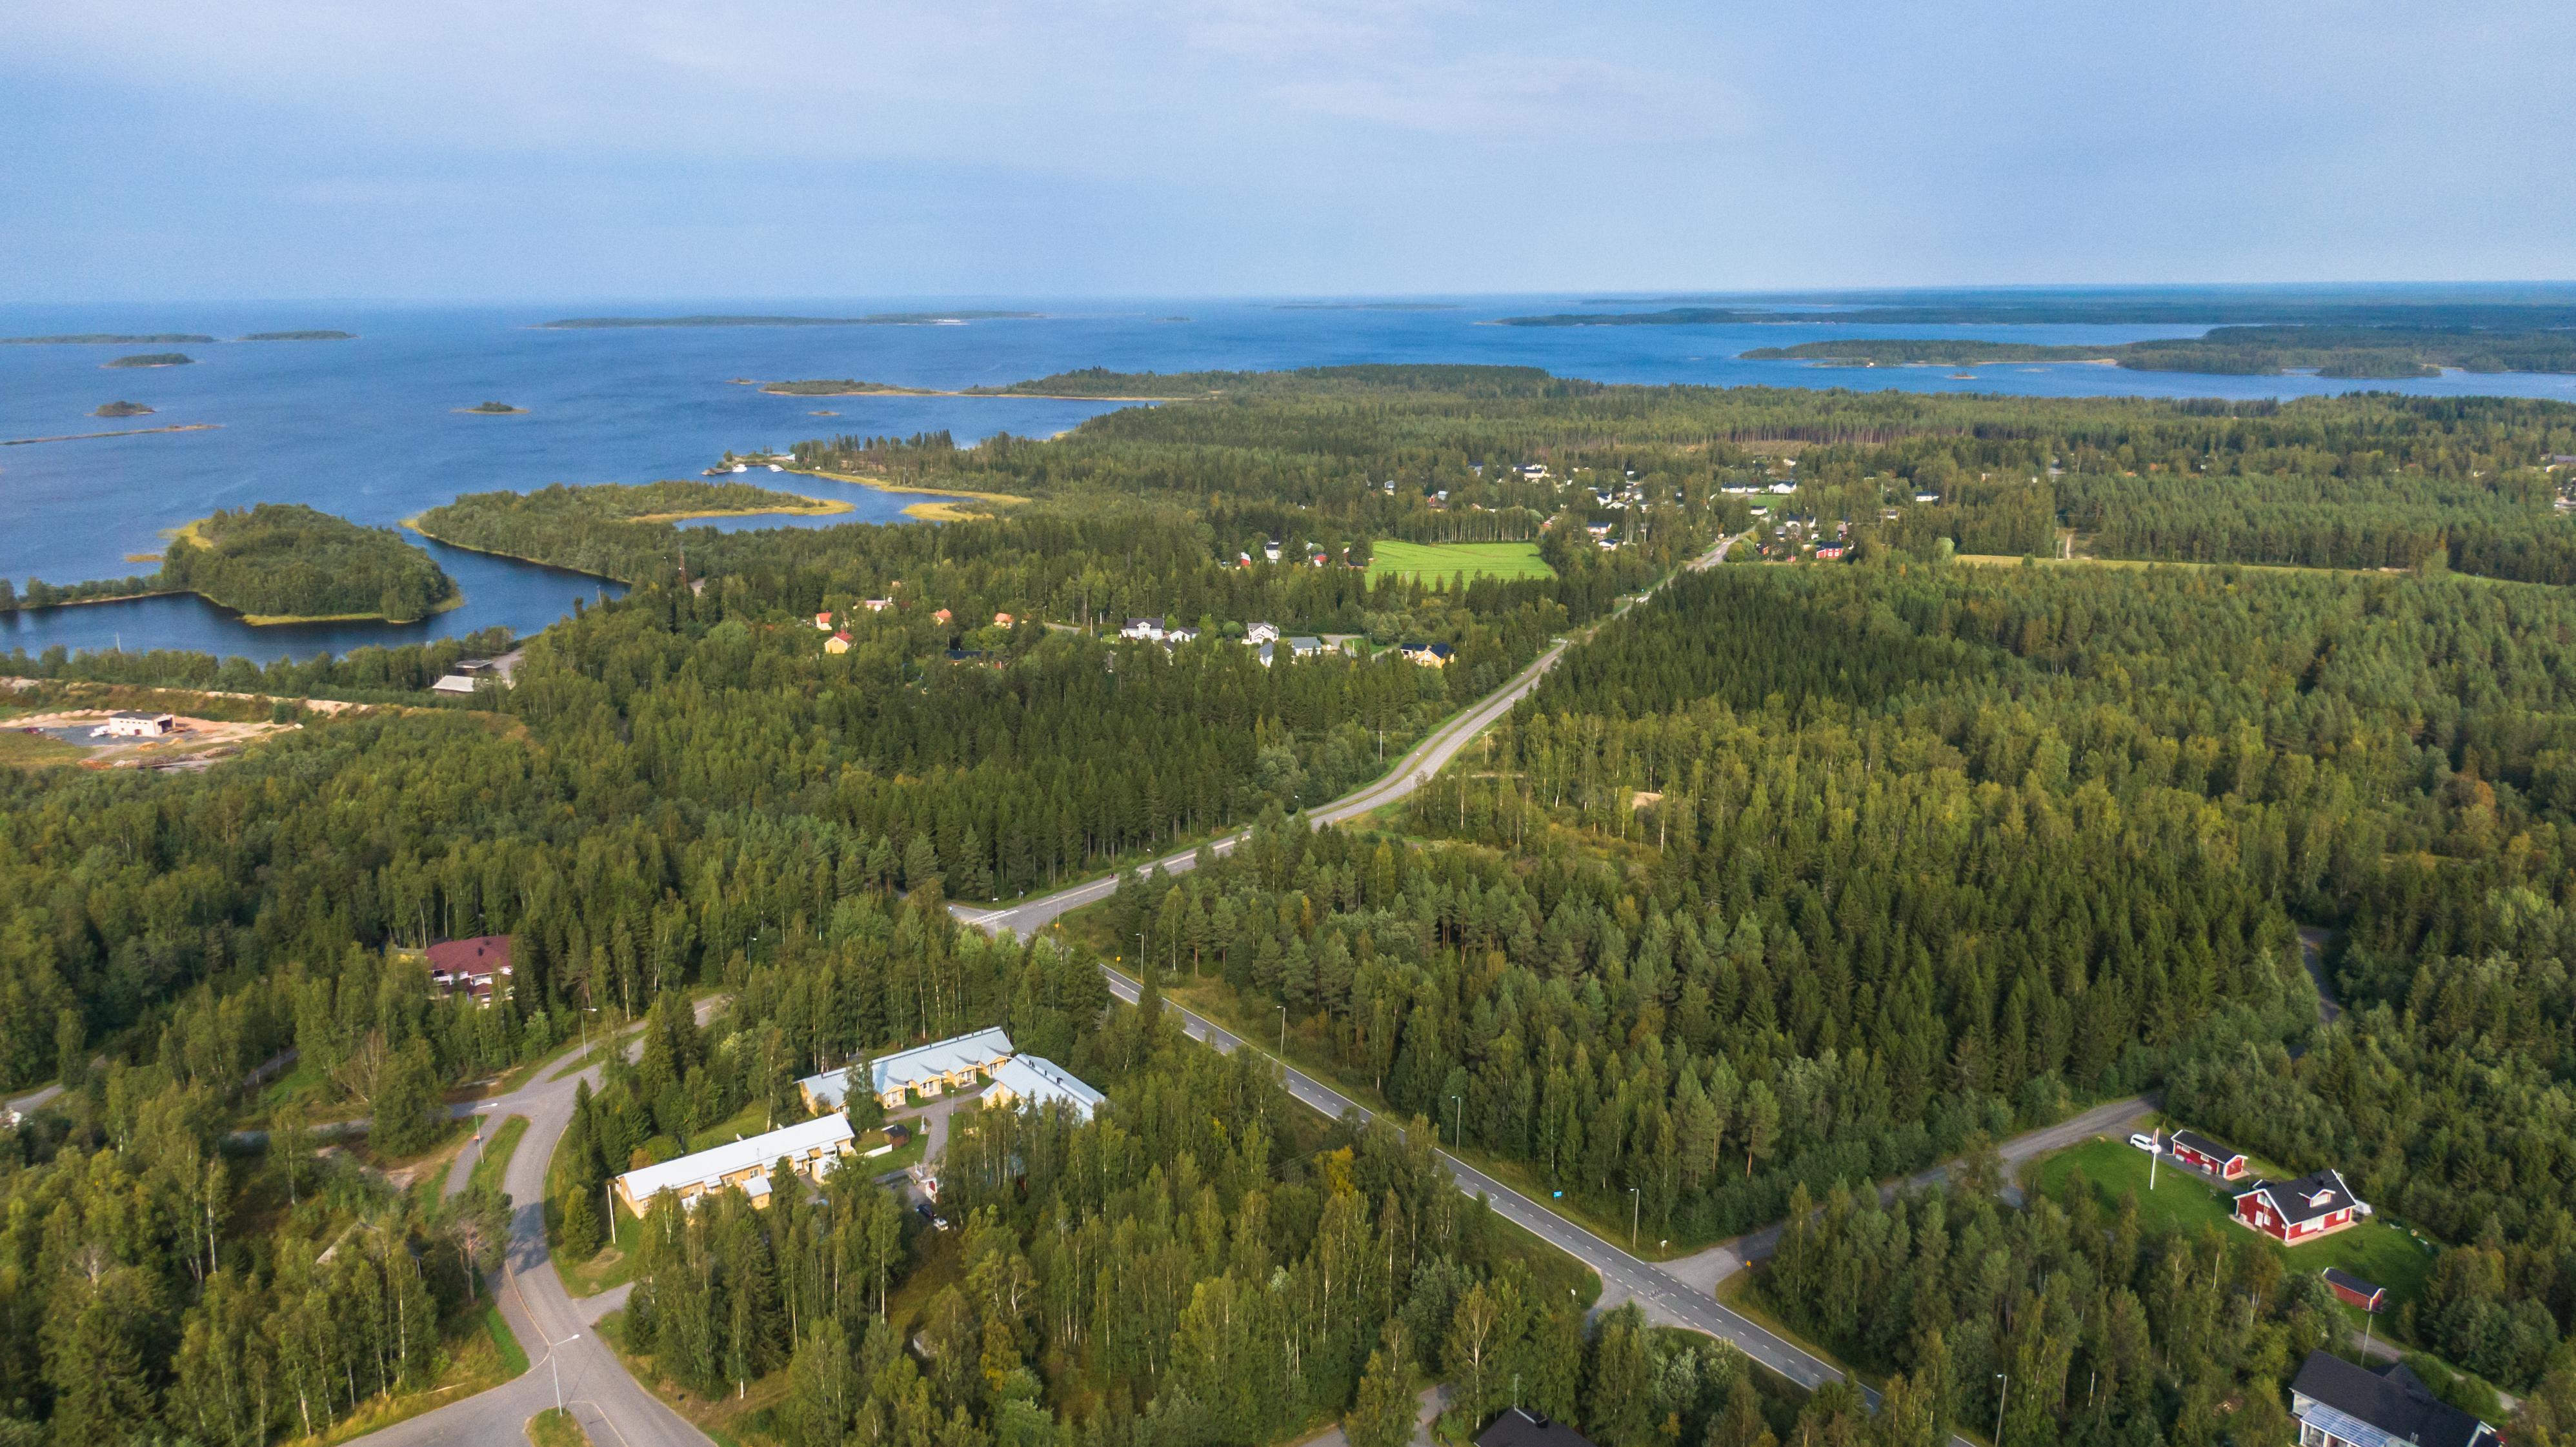 Martinniemestä otettu ilmakuva. Martinniemi on perinteikäs asuinalue Haukiputaalla, joka tarjoaa monipuoliset asumismahdollisuudet ja hyvät kulkuyhteydet.